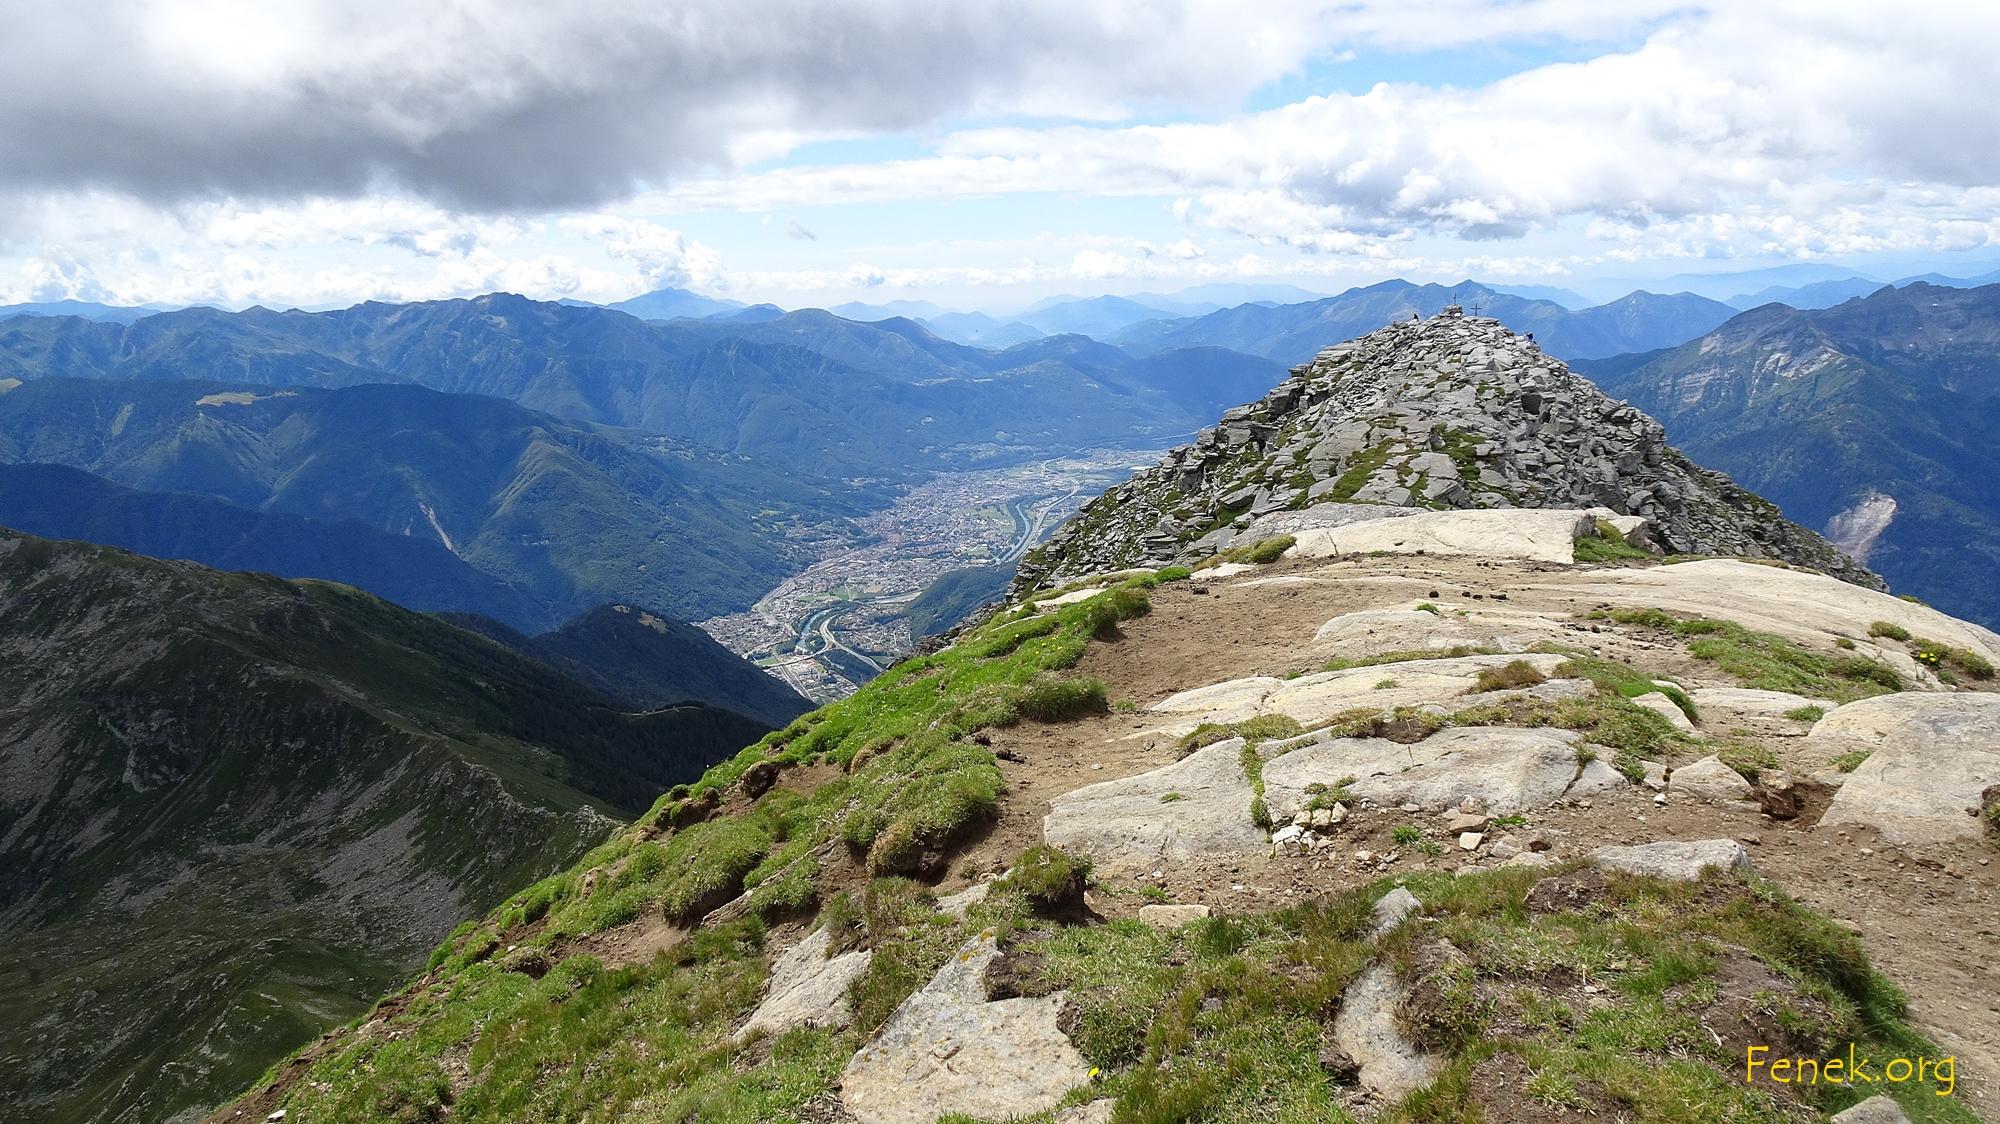 Gipfelkreuz vom höchsten Punkt aus gesehen